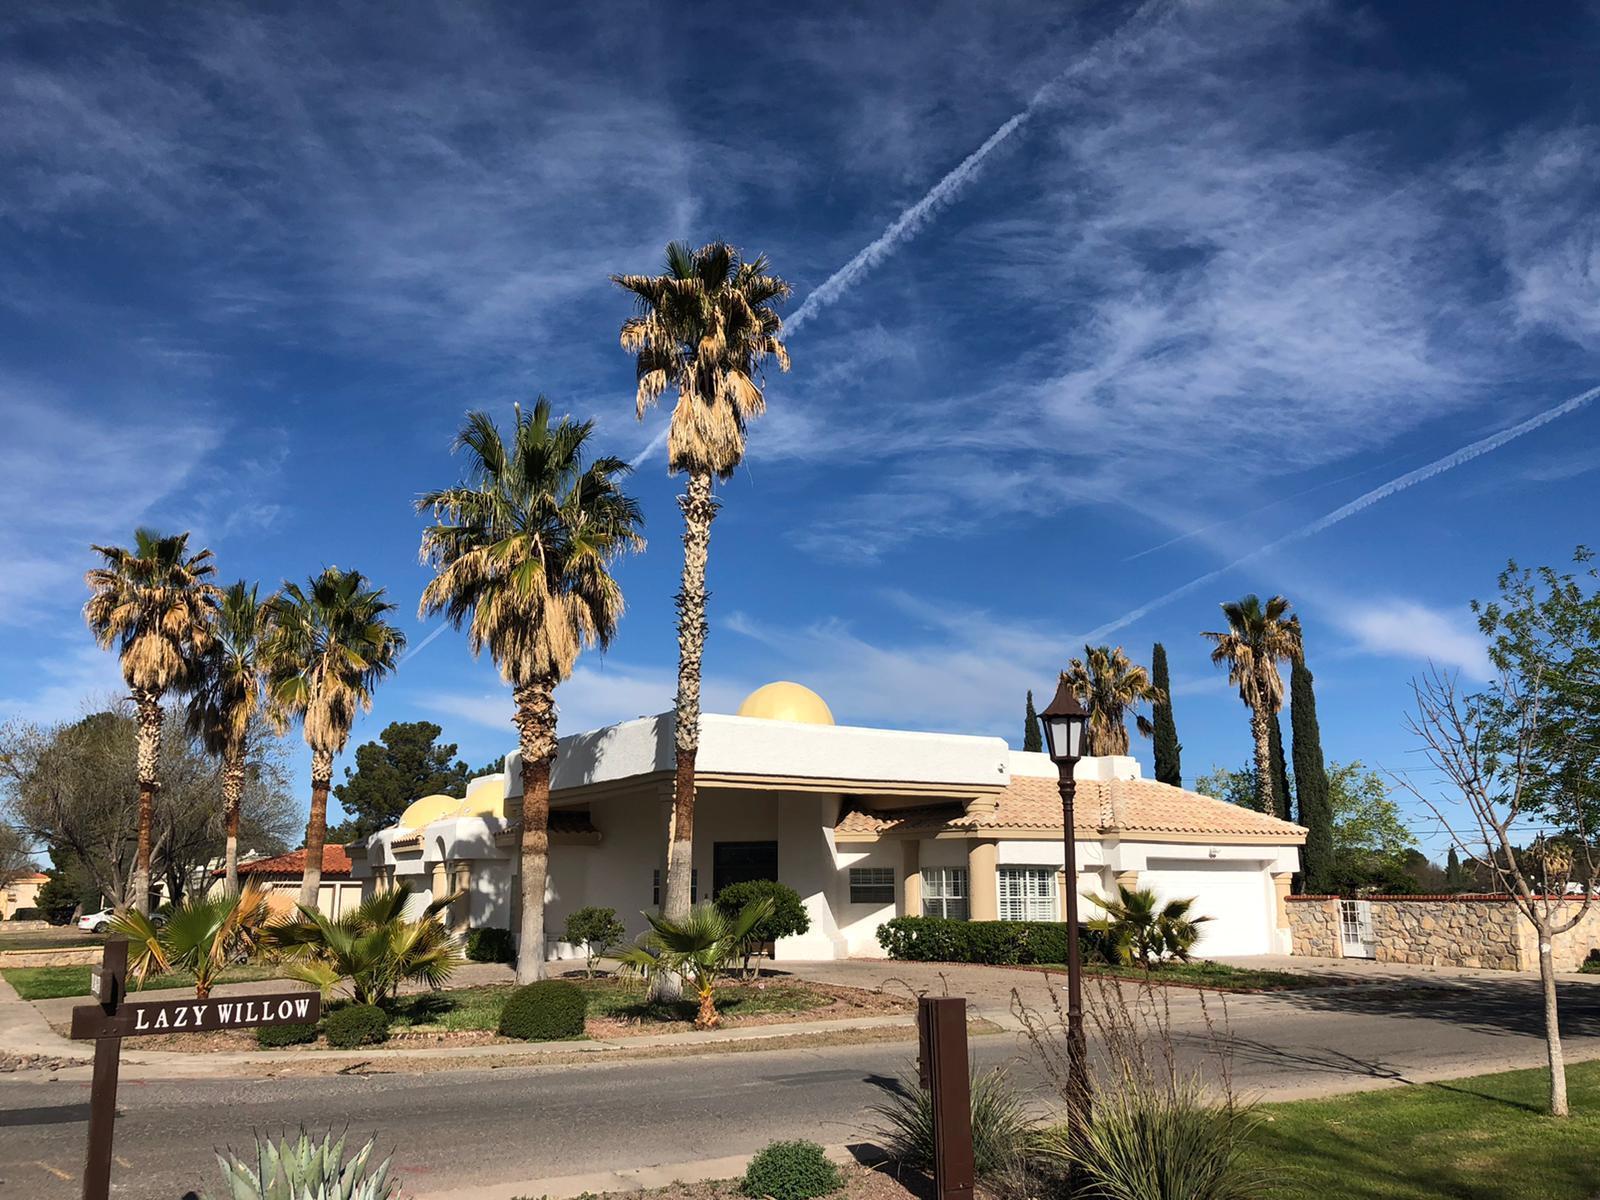 601 WILLOW GLEN Drive, El Paso, Texas 79922, 4 Bedrooms Bedrooms, ,3 BathroomsBathrooms,Residential Rental,For Rent,WILLOW GLEN,835276